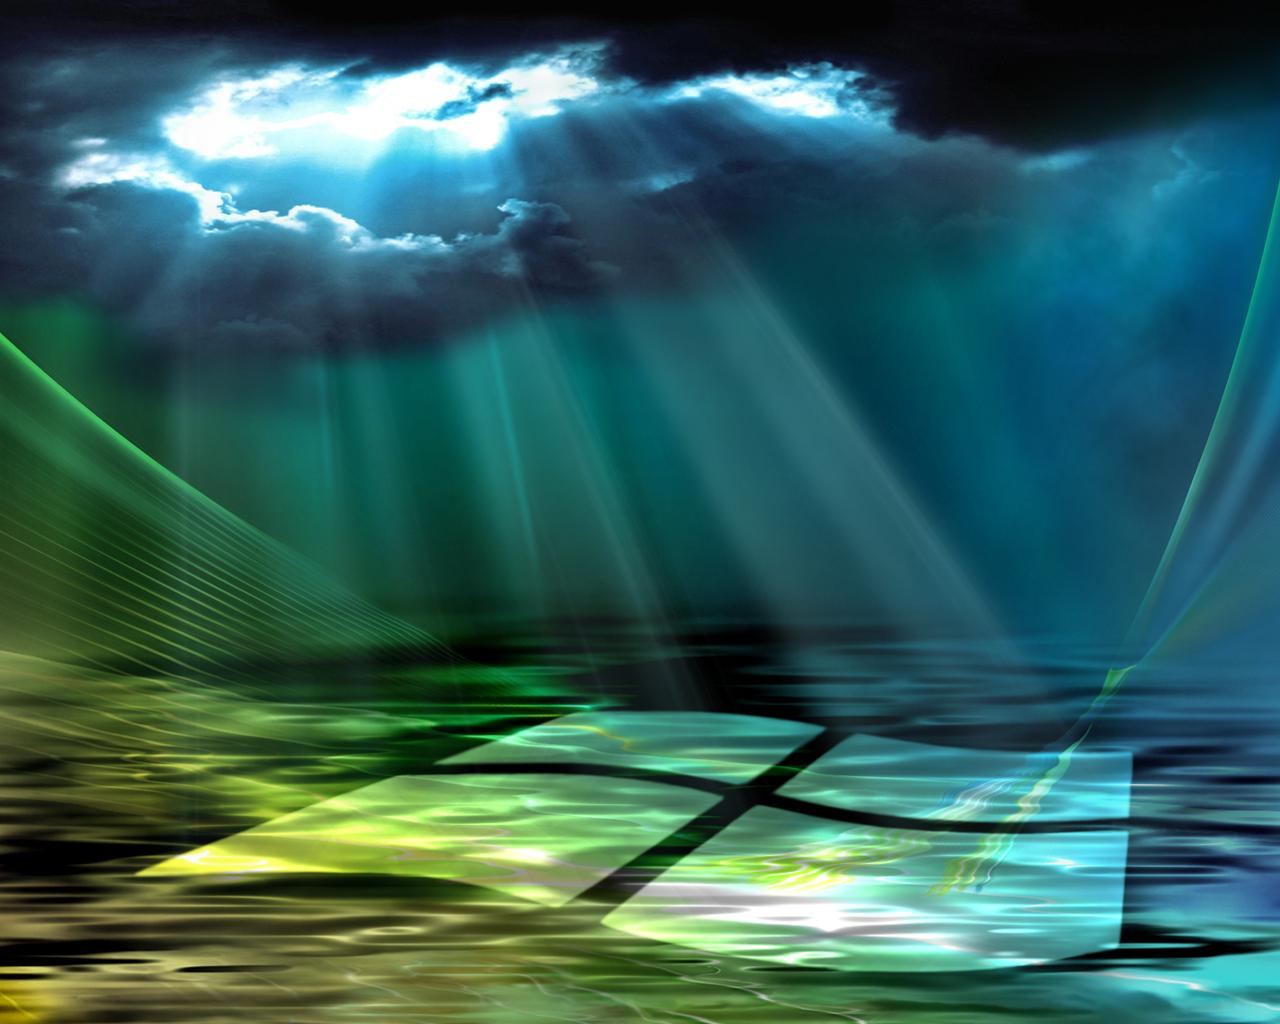 http://1.bp.blogspot.com/-zUheAUvJIQ4/TsyyErp7m6I/AAAAAAAAGq4/QnUbc528qX8/s1600/windows-vista-aurora-dream-wallpaper.jpg